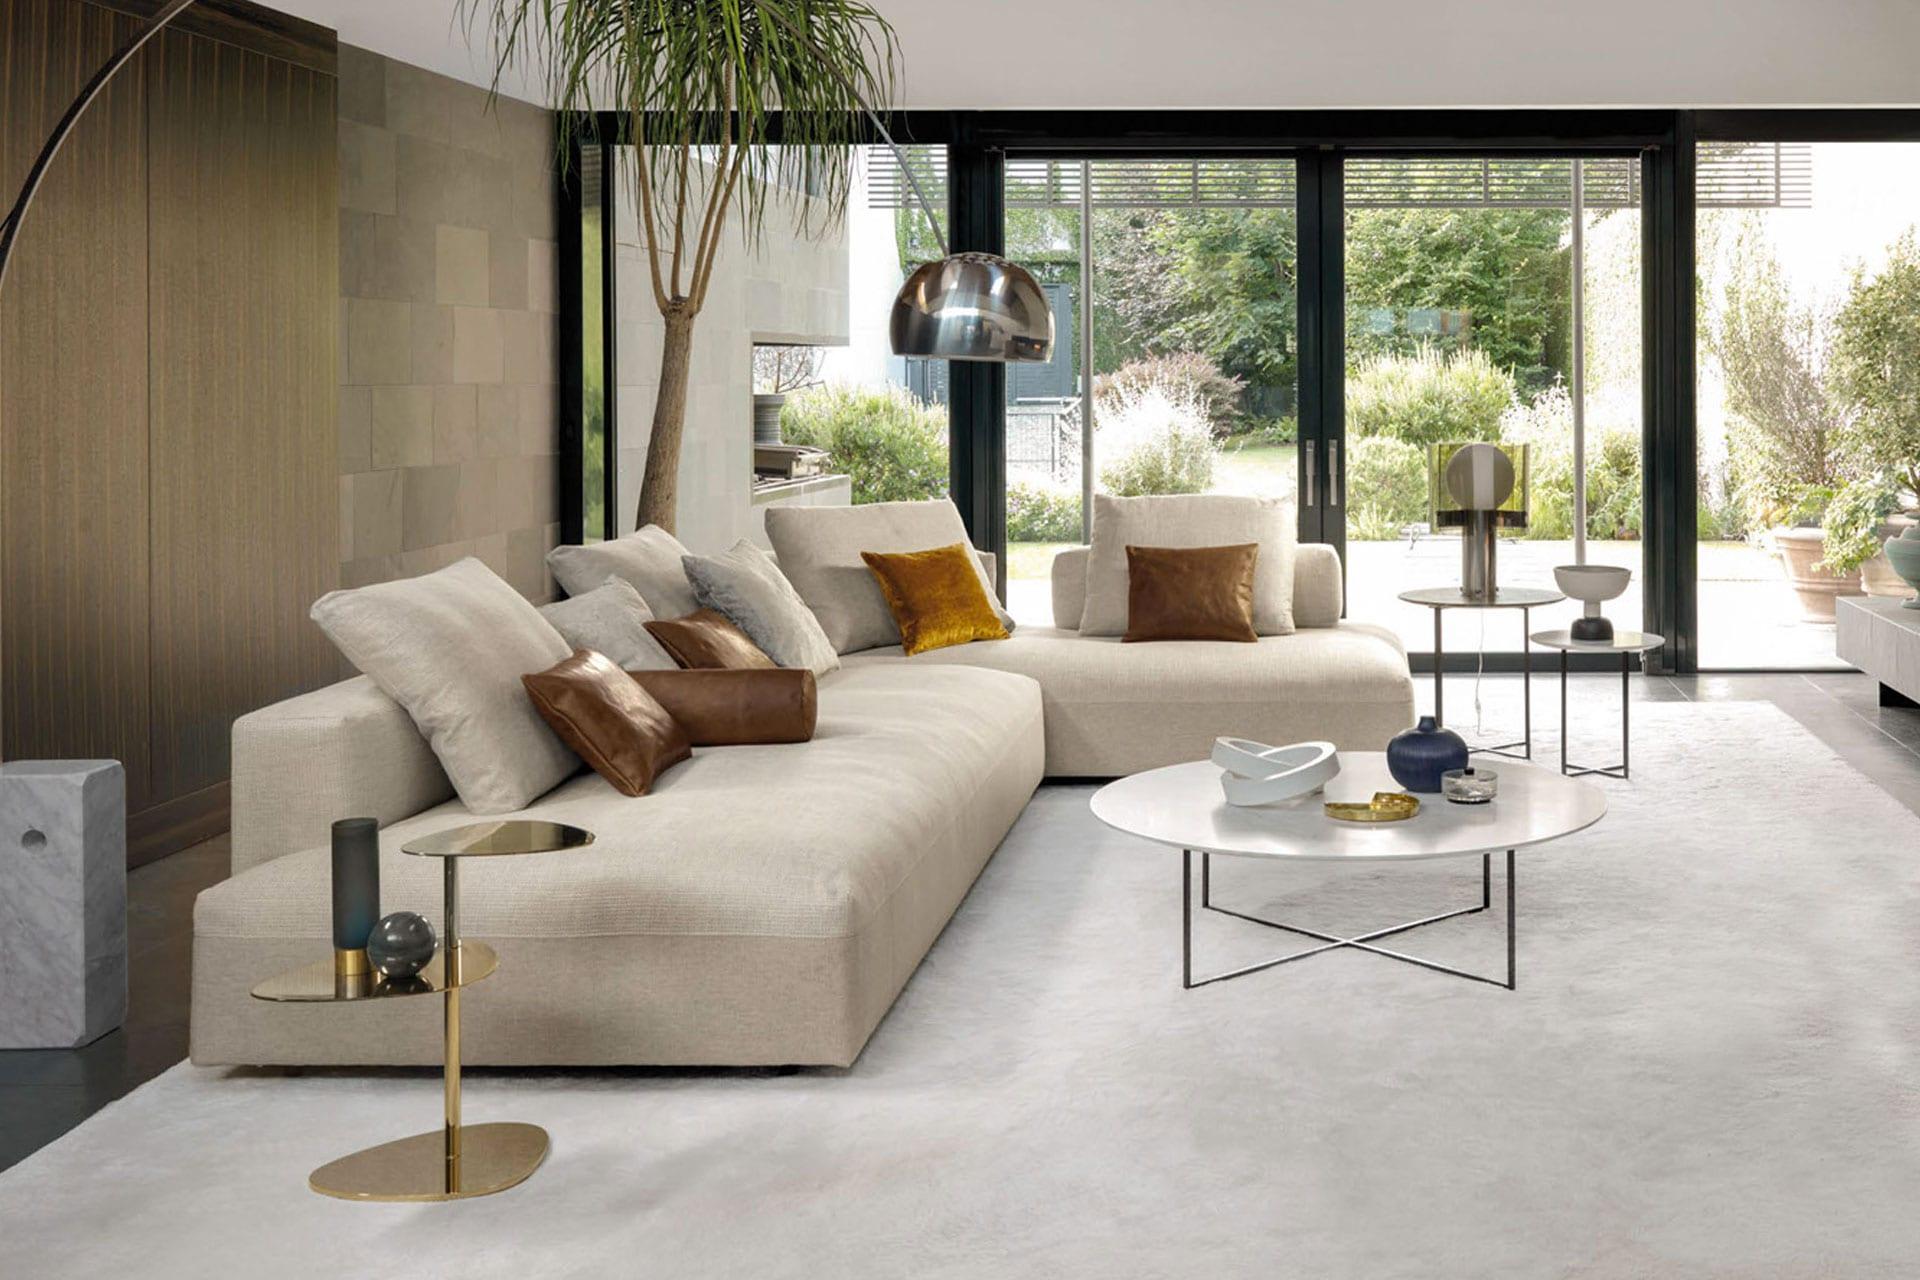 divano perfetto cucina soggiorno design